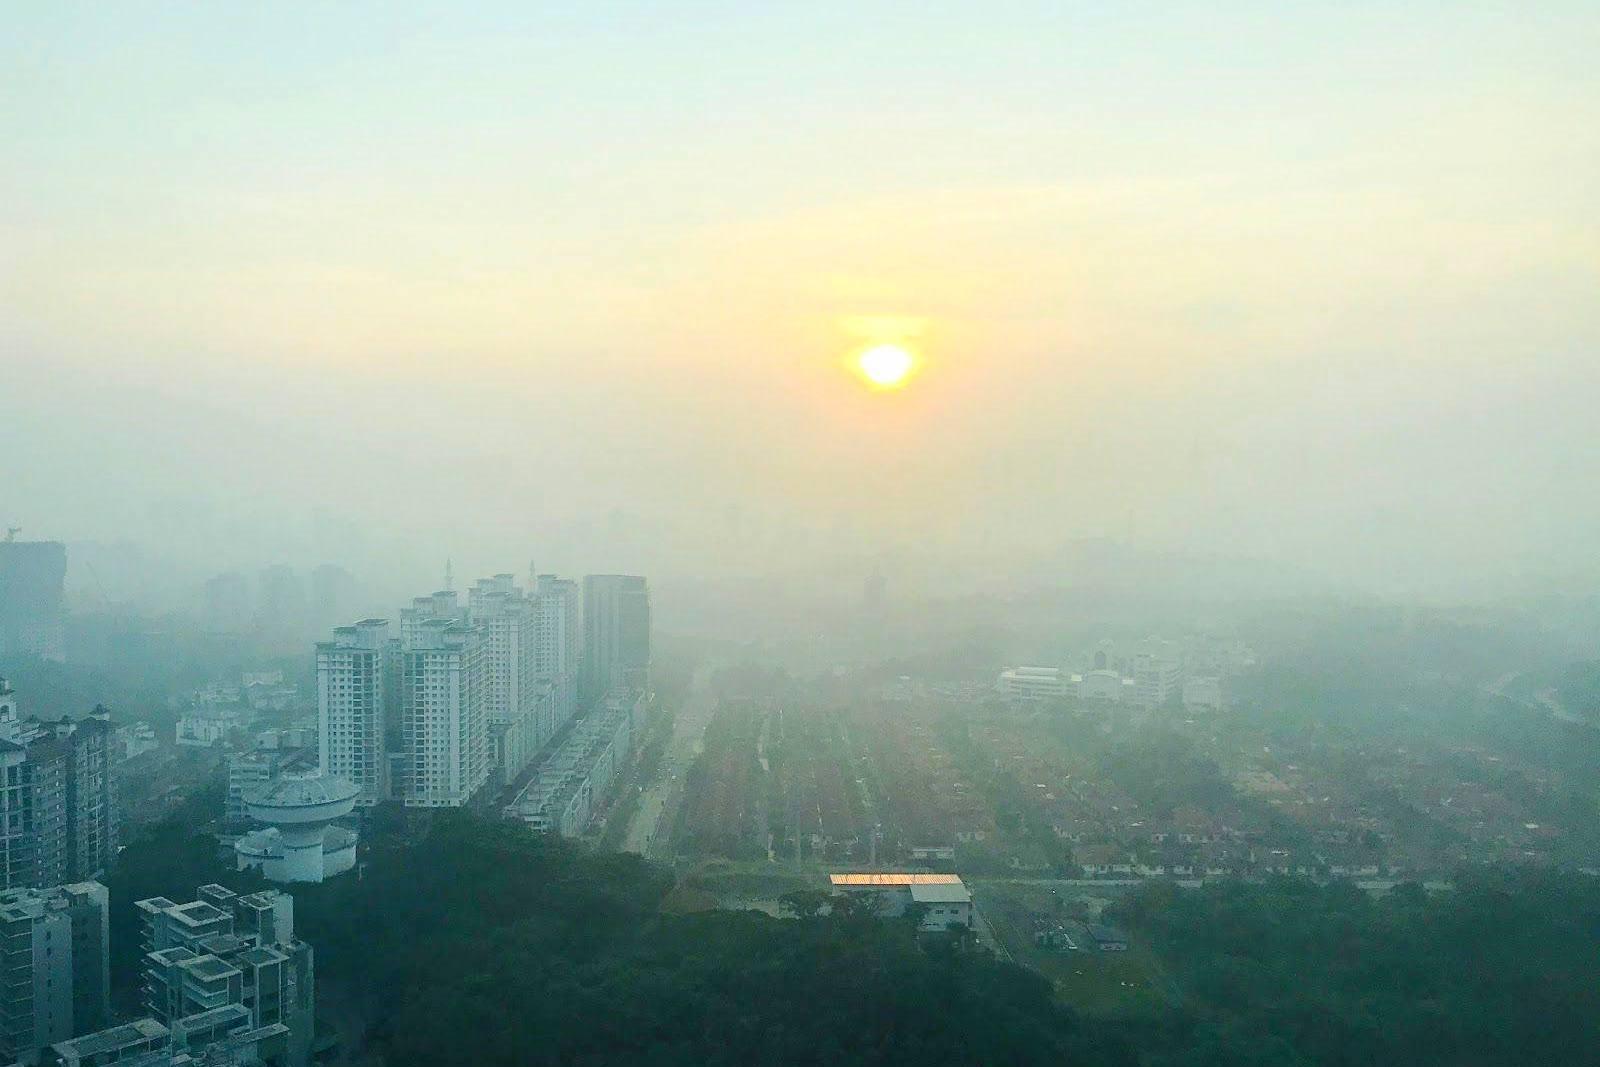 マレーシアの大気汚染「ヘイズ」